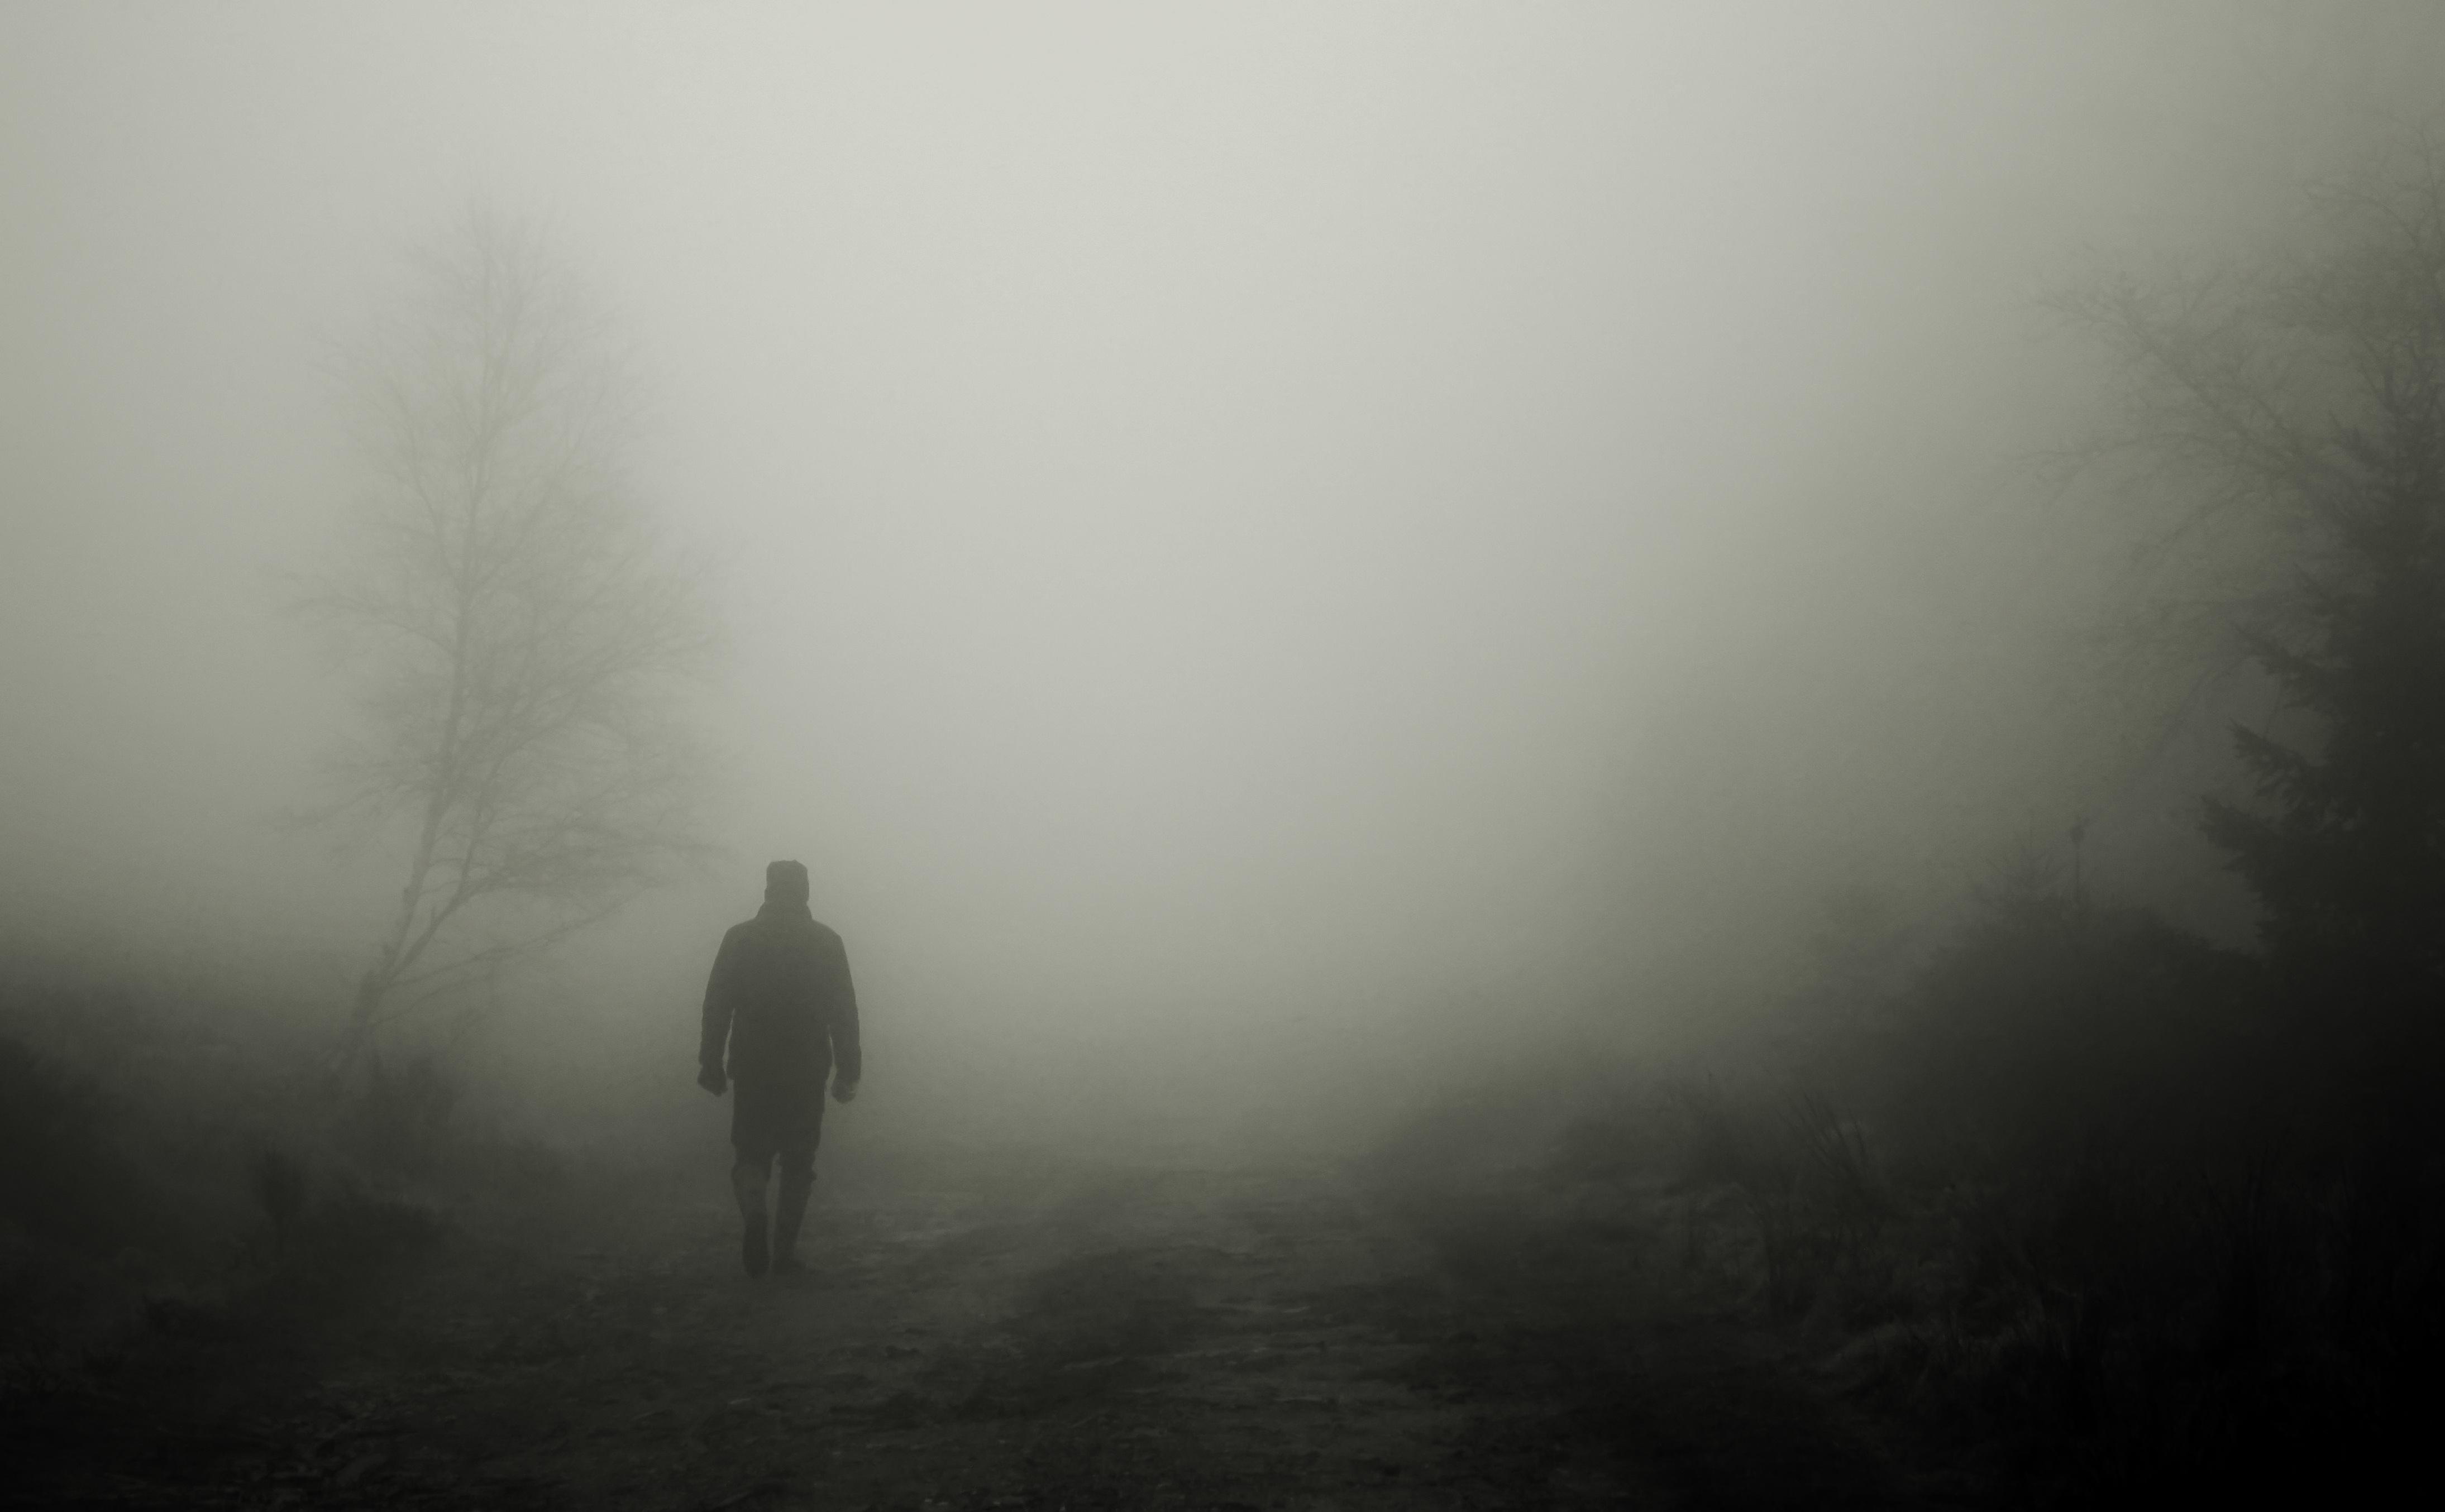 63799壁紙のダウンロードシルエット, 霧, 孤独, 寂しさ, 一人で, 寂しい-スクリーンセーバーと写真を無料で